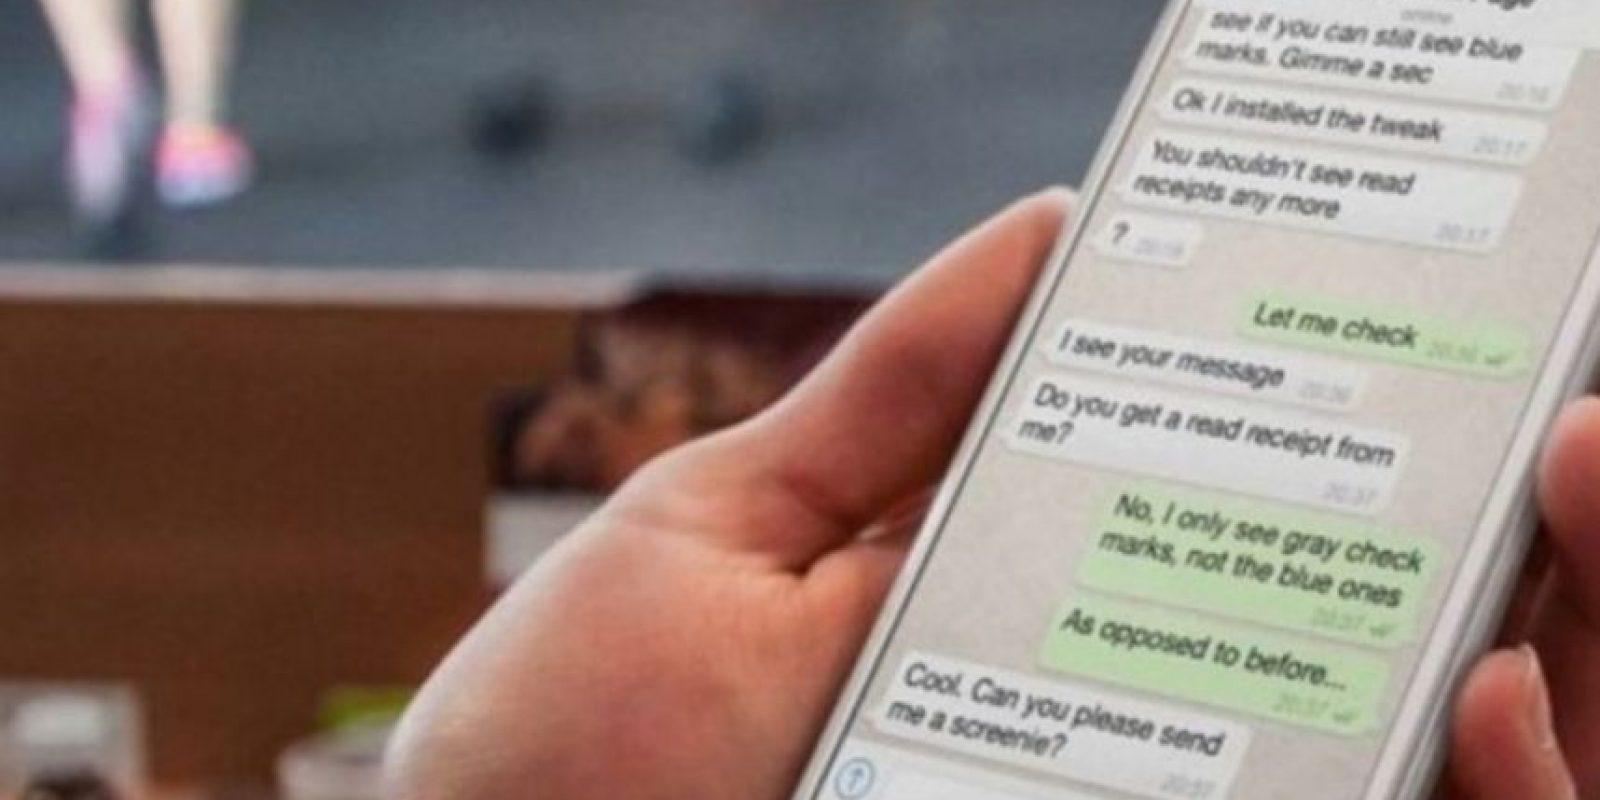 ¿Cómo bloquear contactos en WhatsApp? Foto:Tumblr